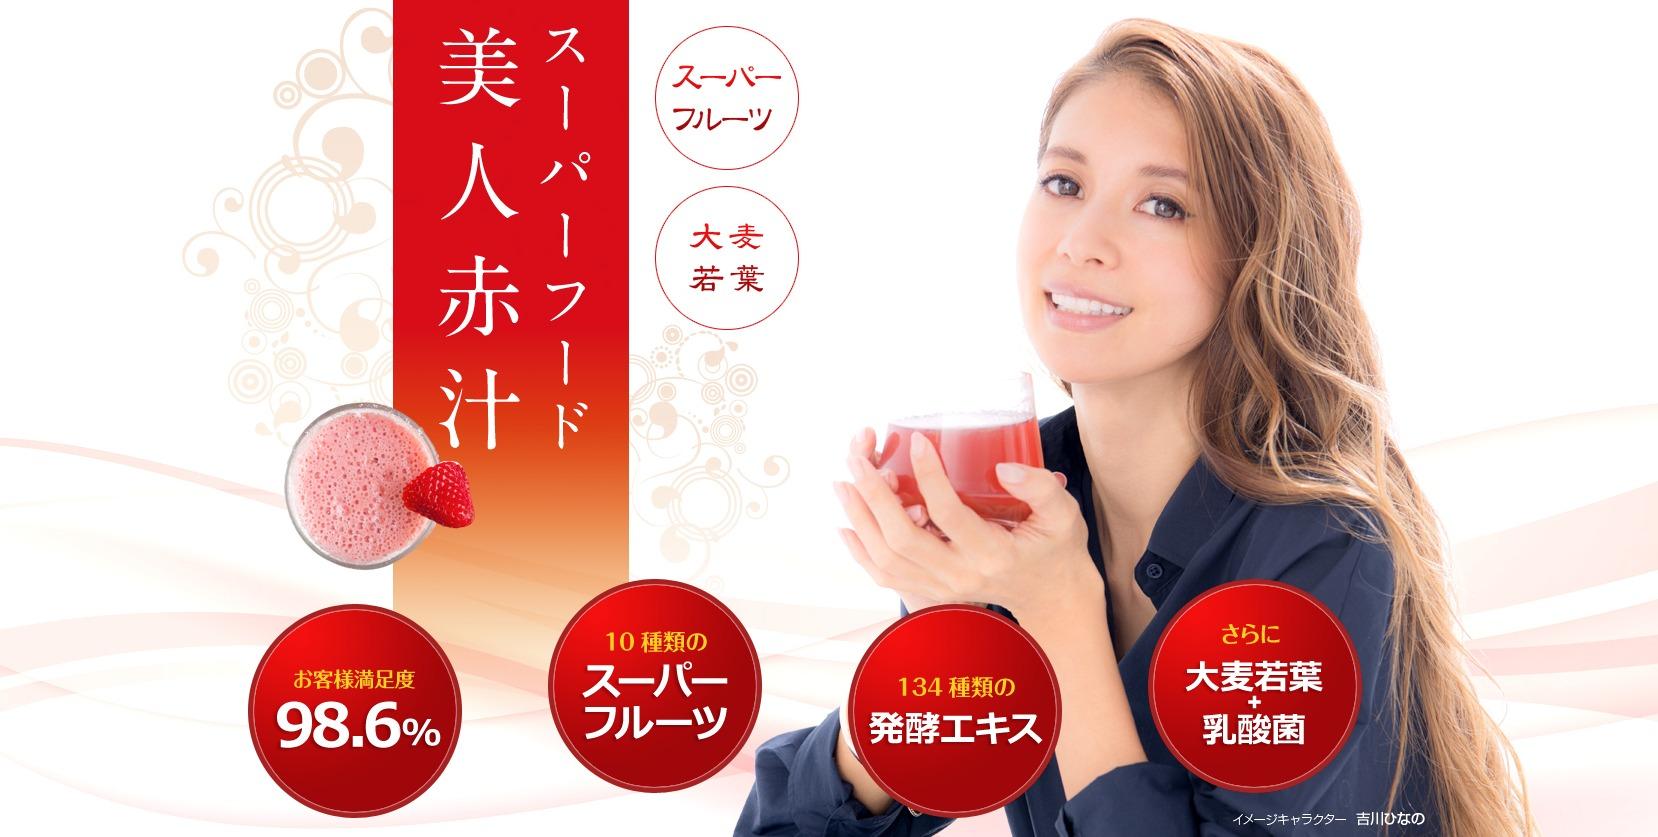 スーパーフード美人赤汁